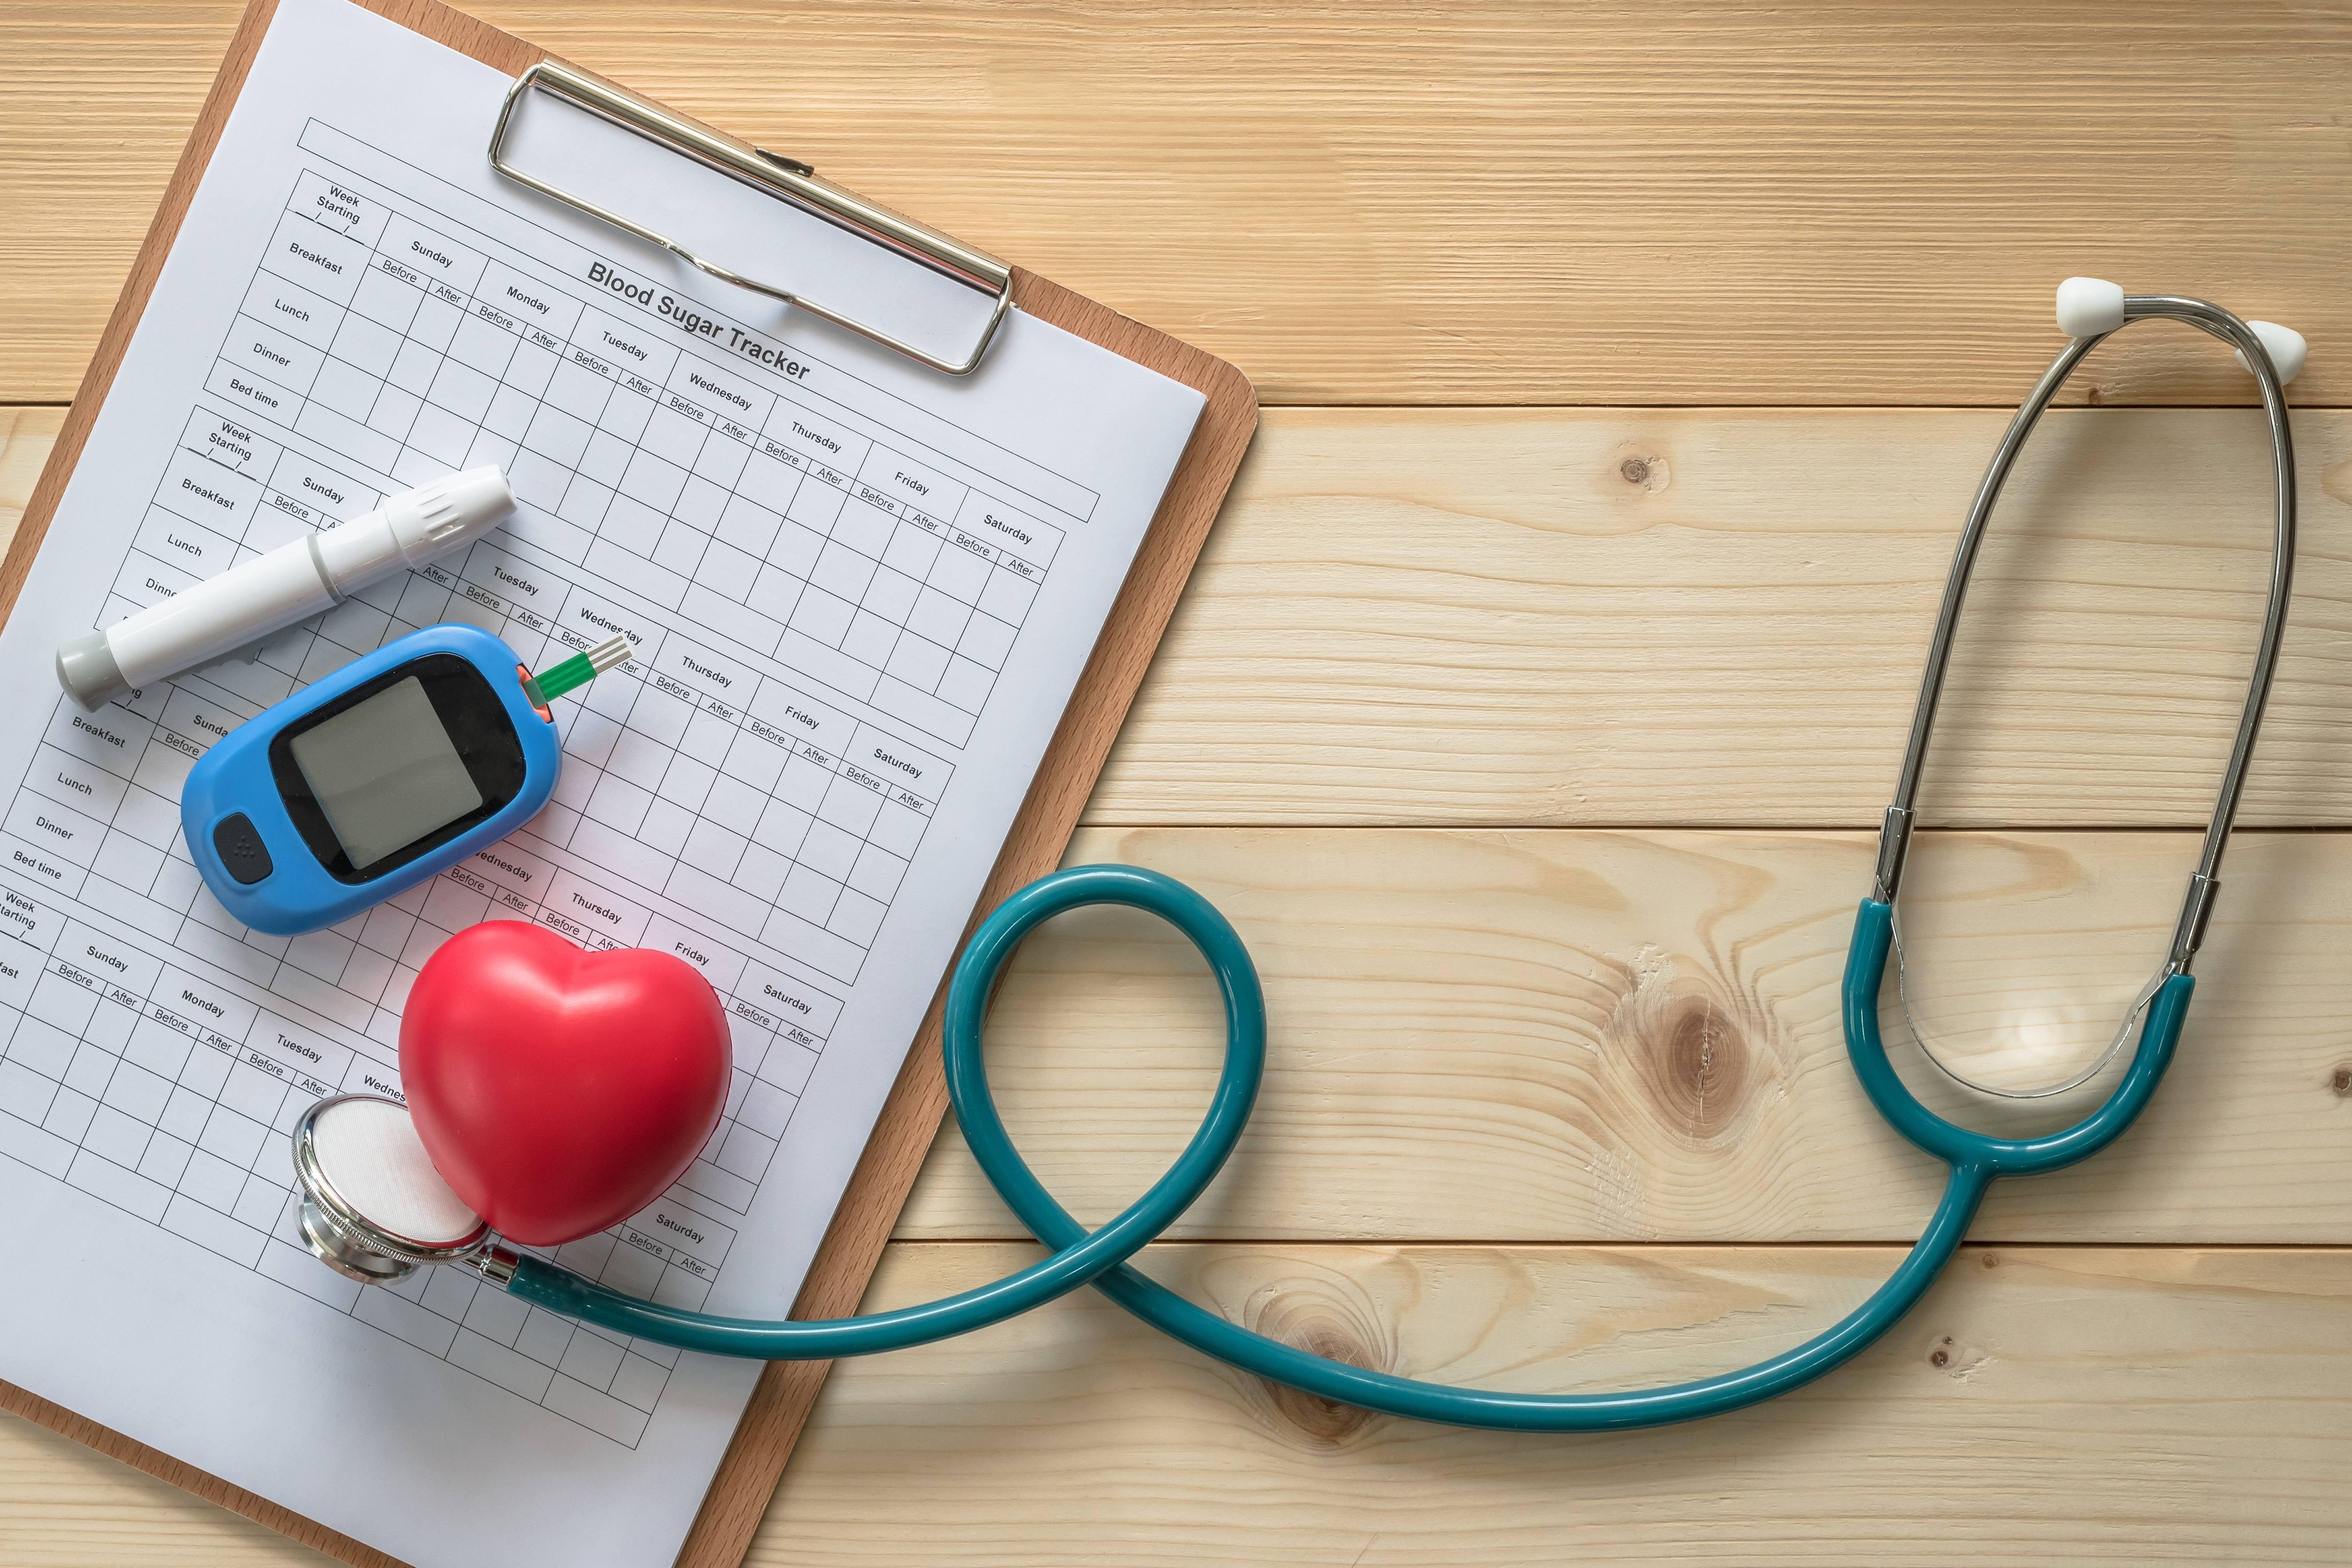 glucómetro con tiras reactivas y lancetas para examinar la sangre, hoja de registro para la glucosa sanguínea, corazón de plástico y estetoscopio